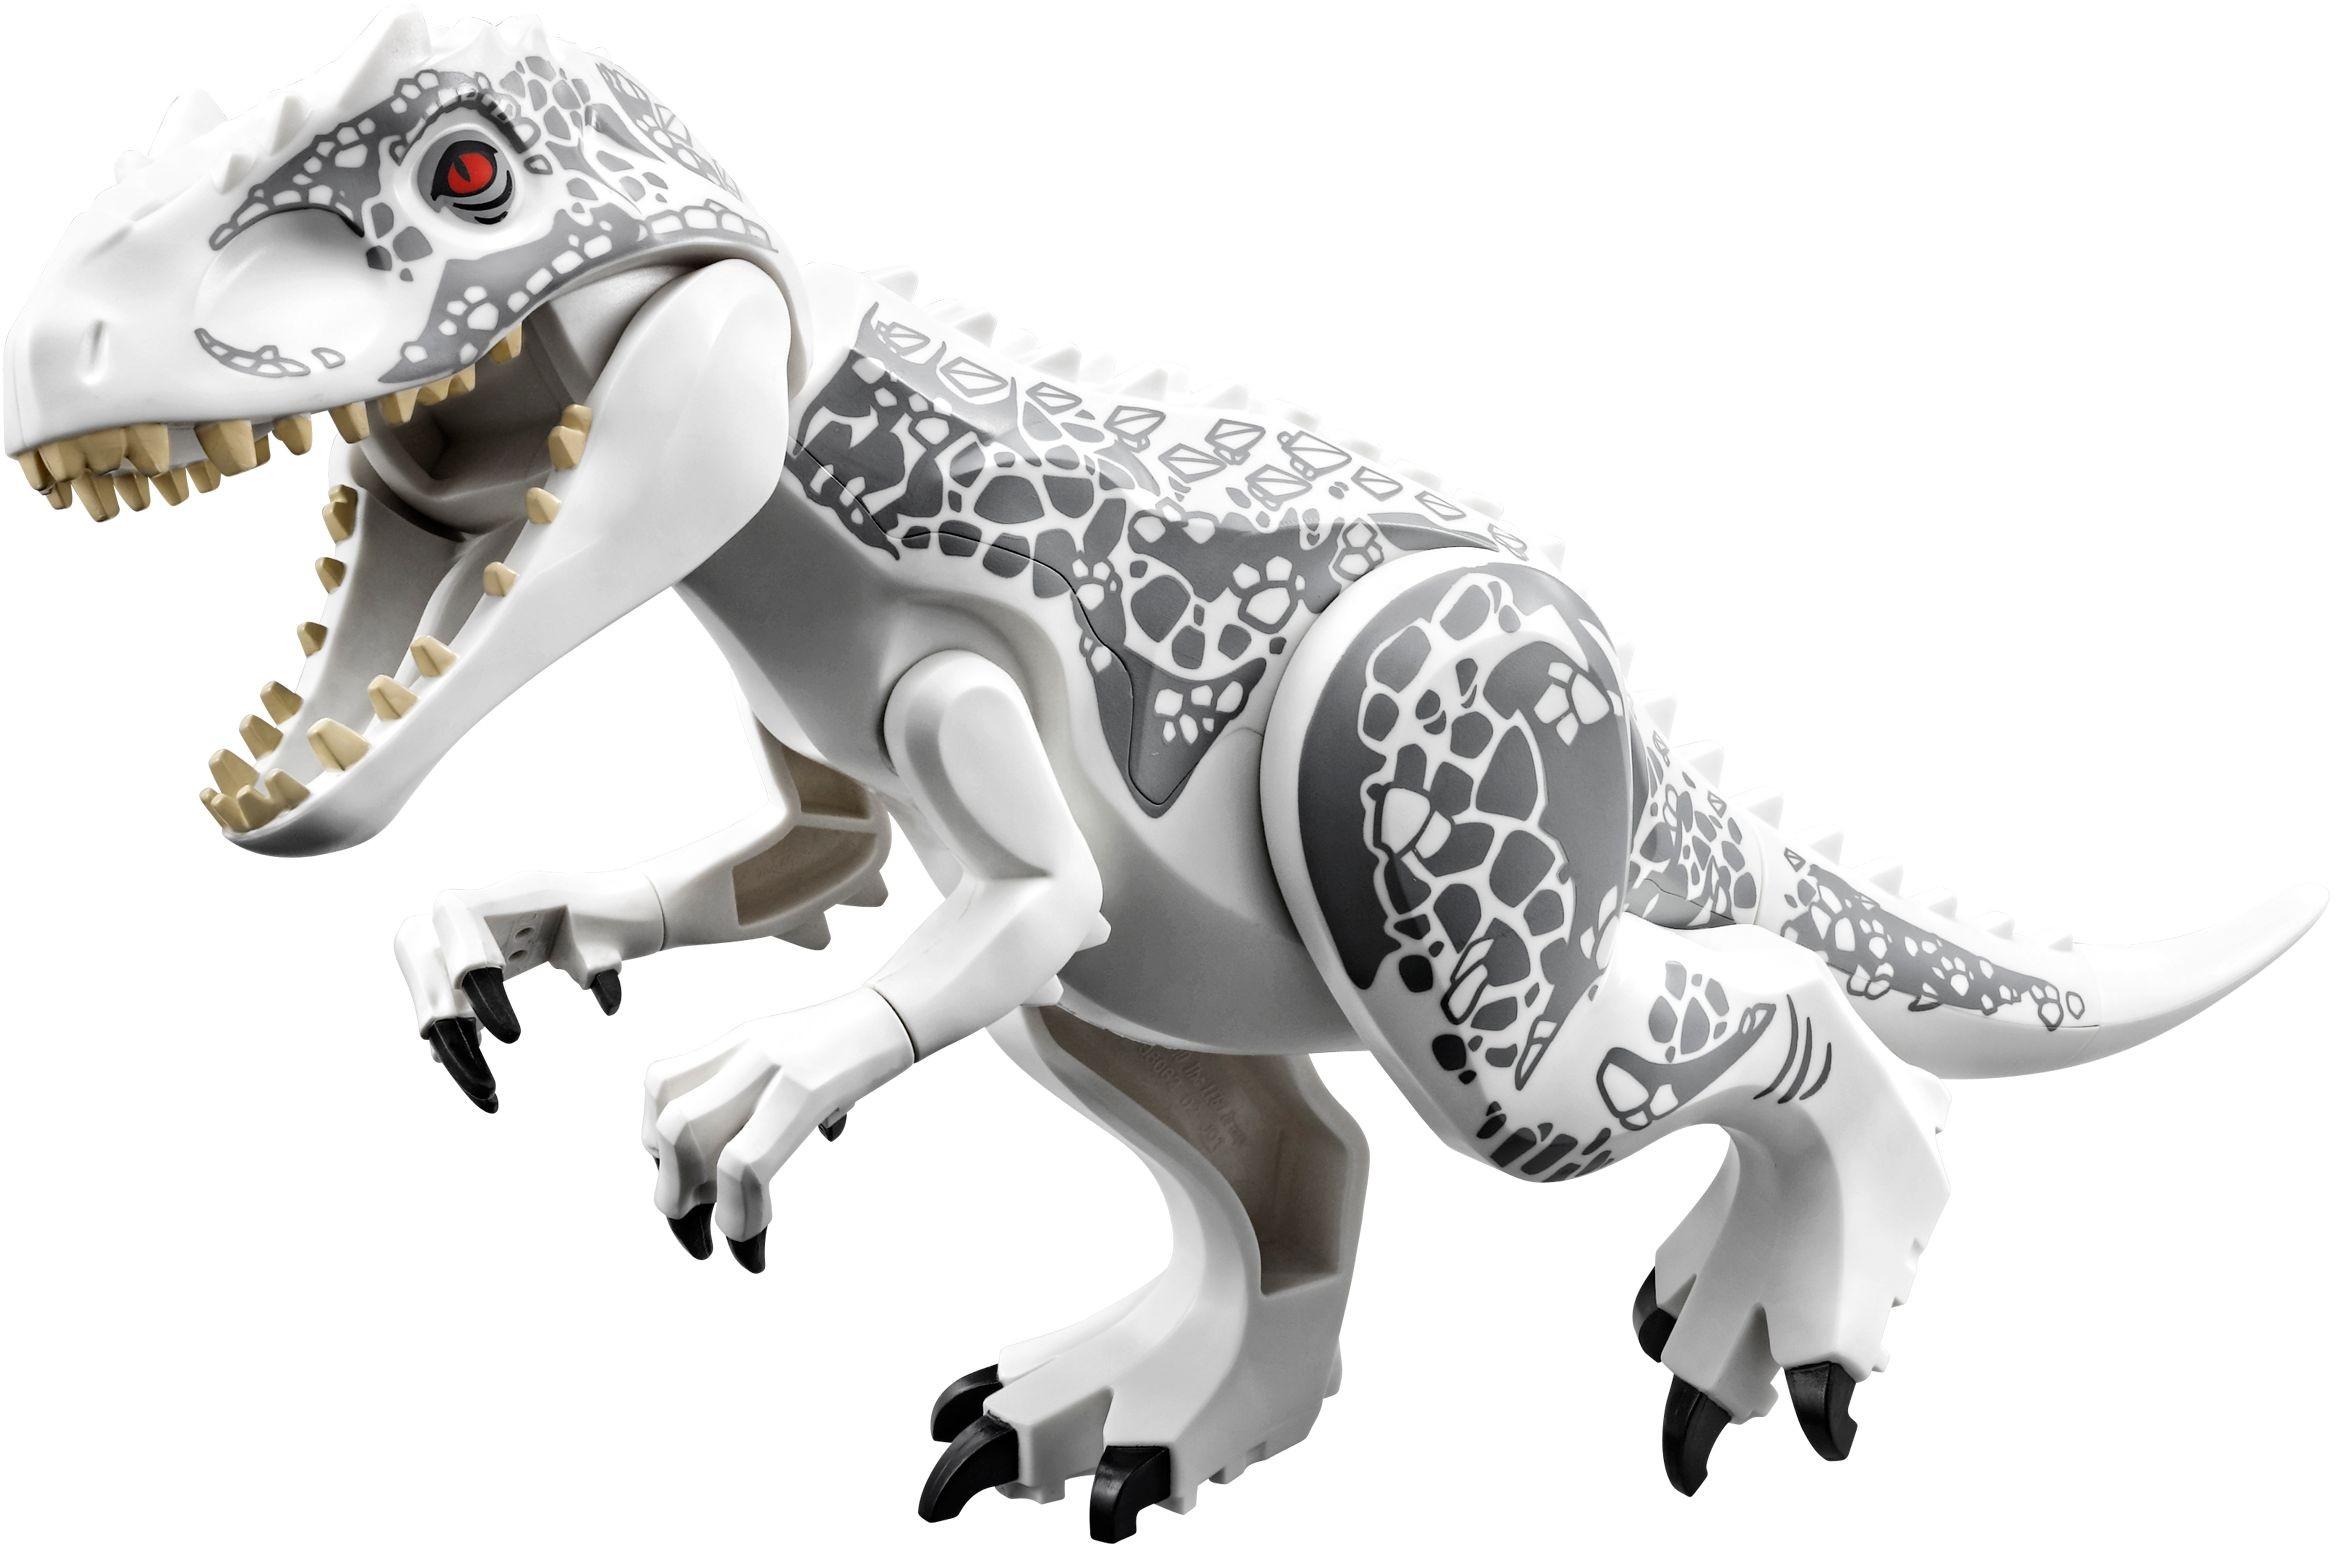 Klocki Lego Jurassic Park Indominus Rex Na Wolności 75919 Archiwum